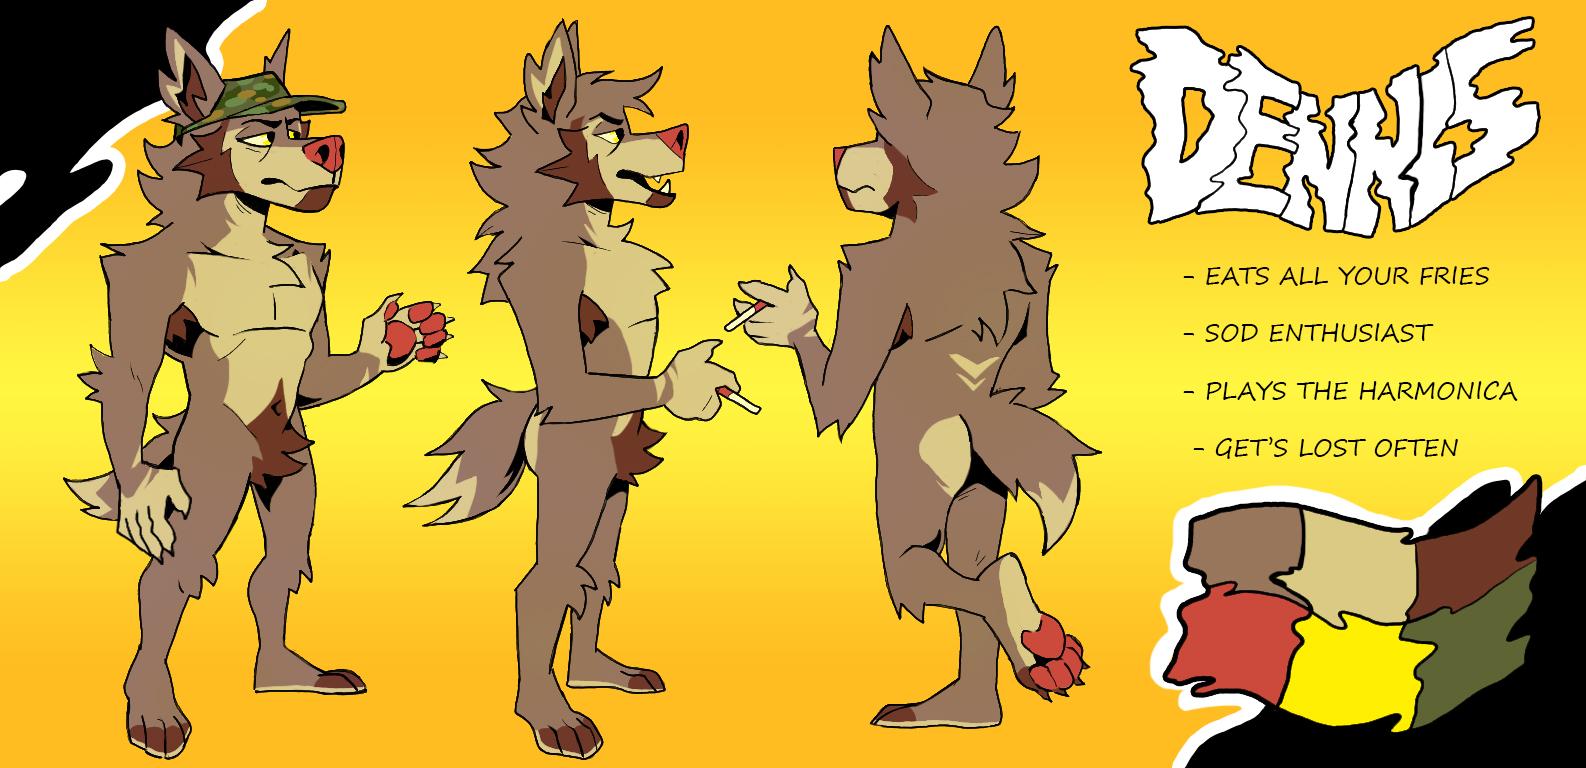 Clydethewolf-ref-SFW